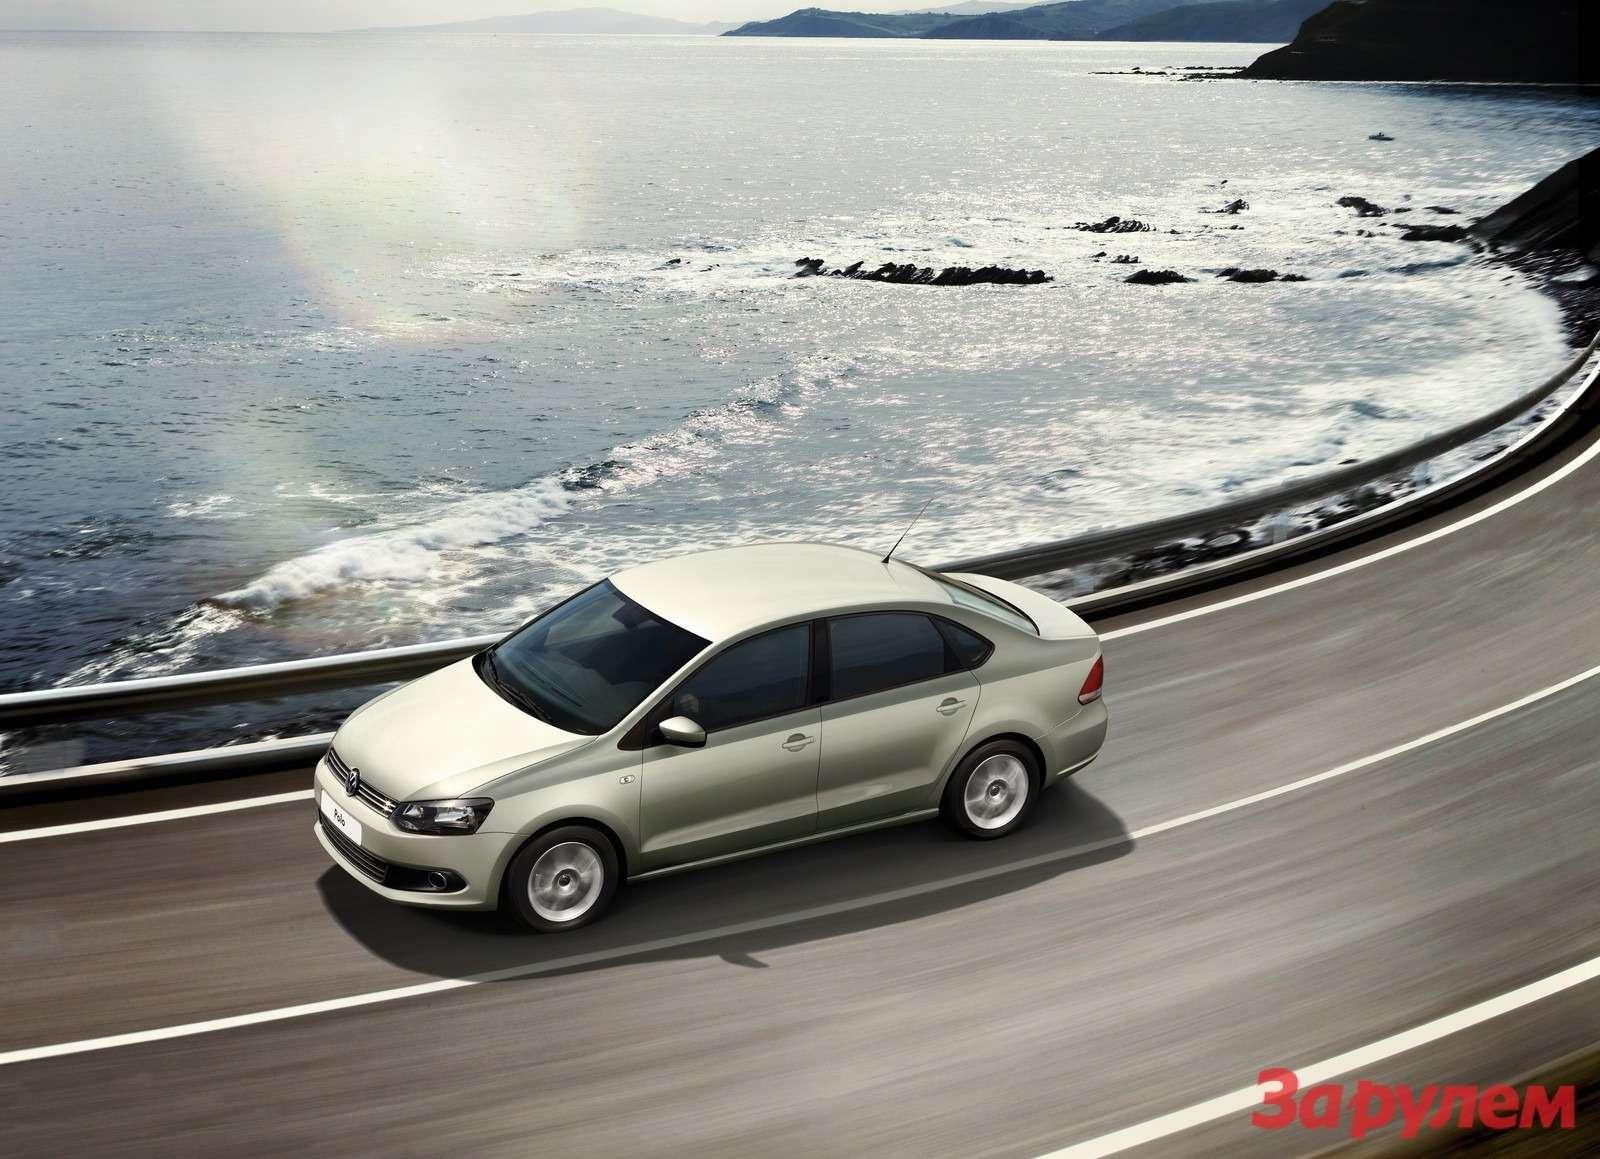 VW Polo Sedan смещается в сторону при движении